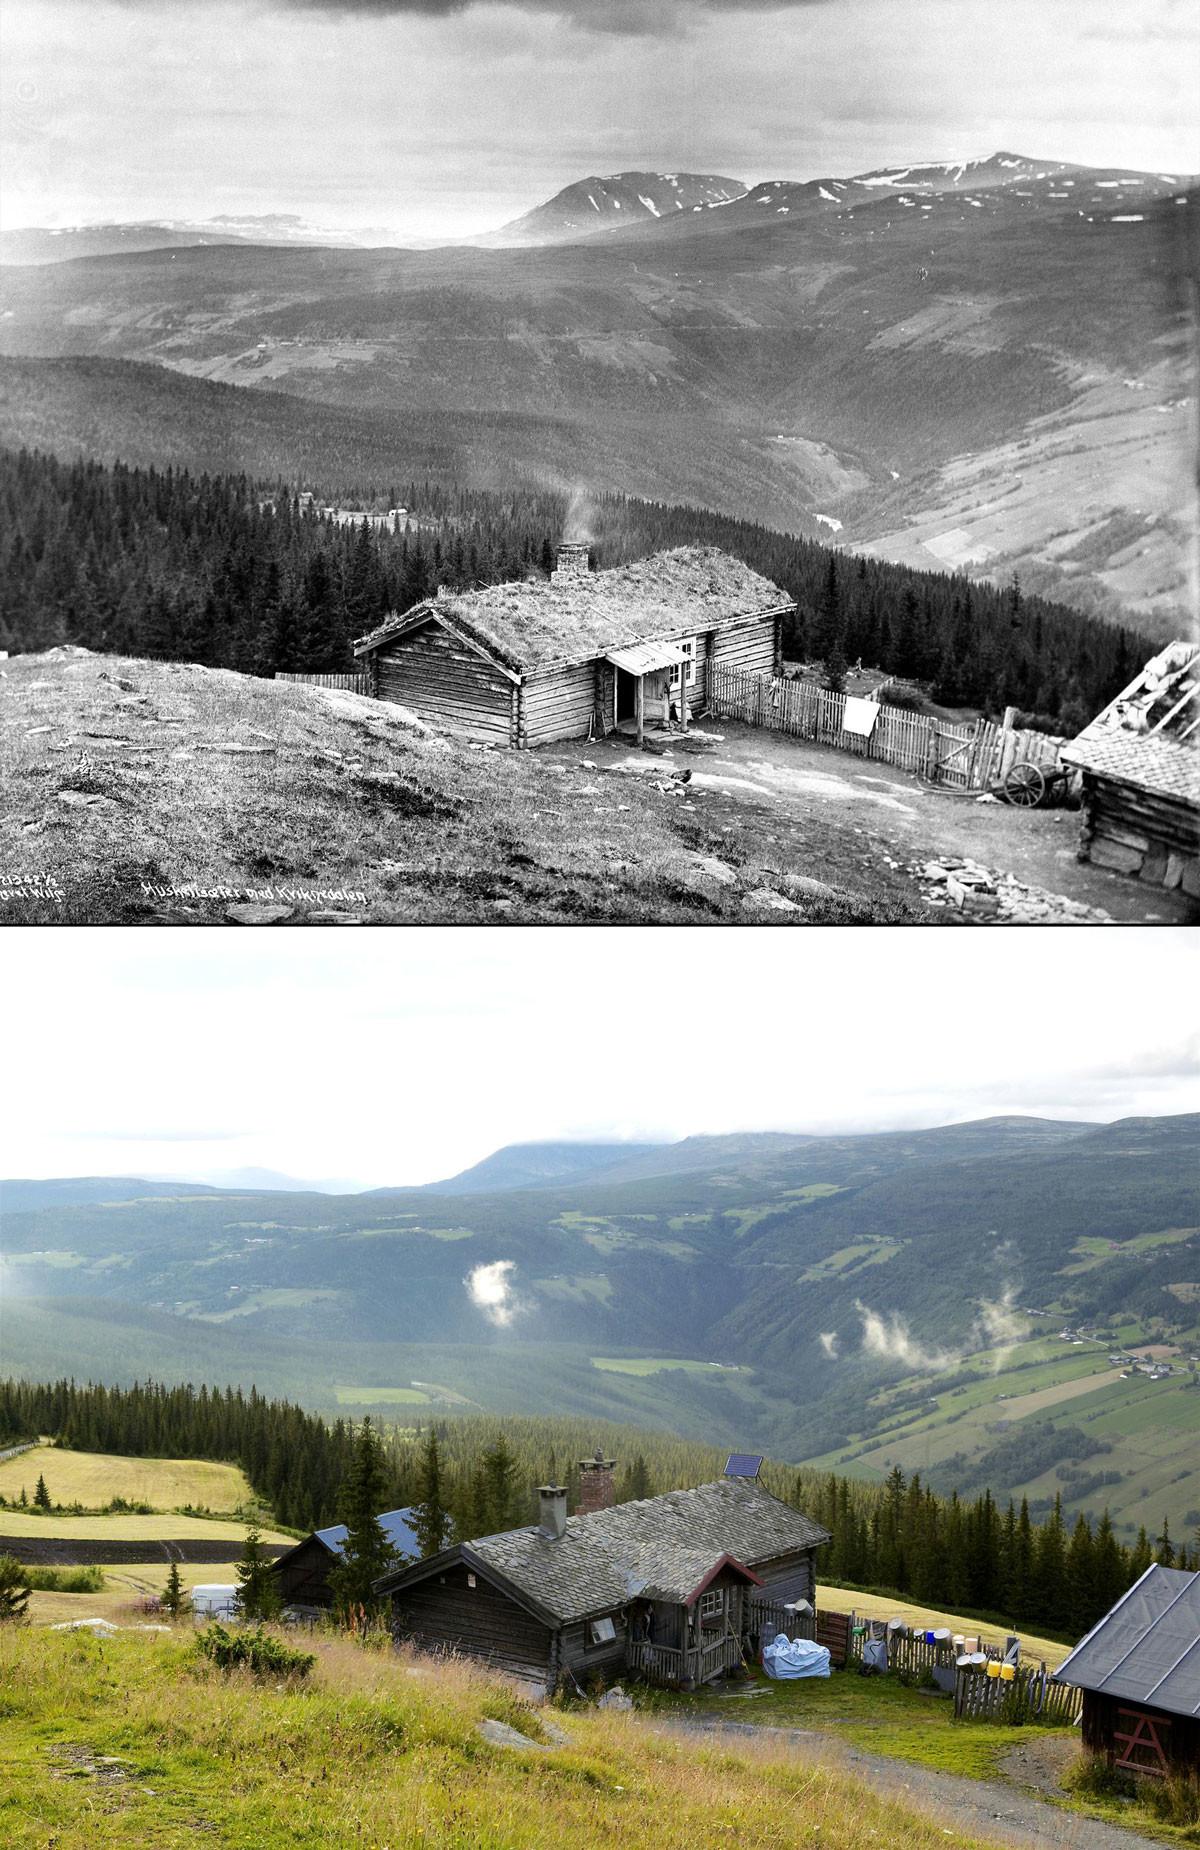 Noruega antes e após o petróleo: a transformação do país em imagens 06